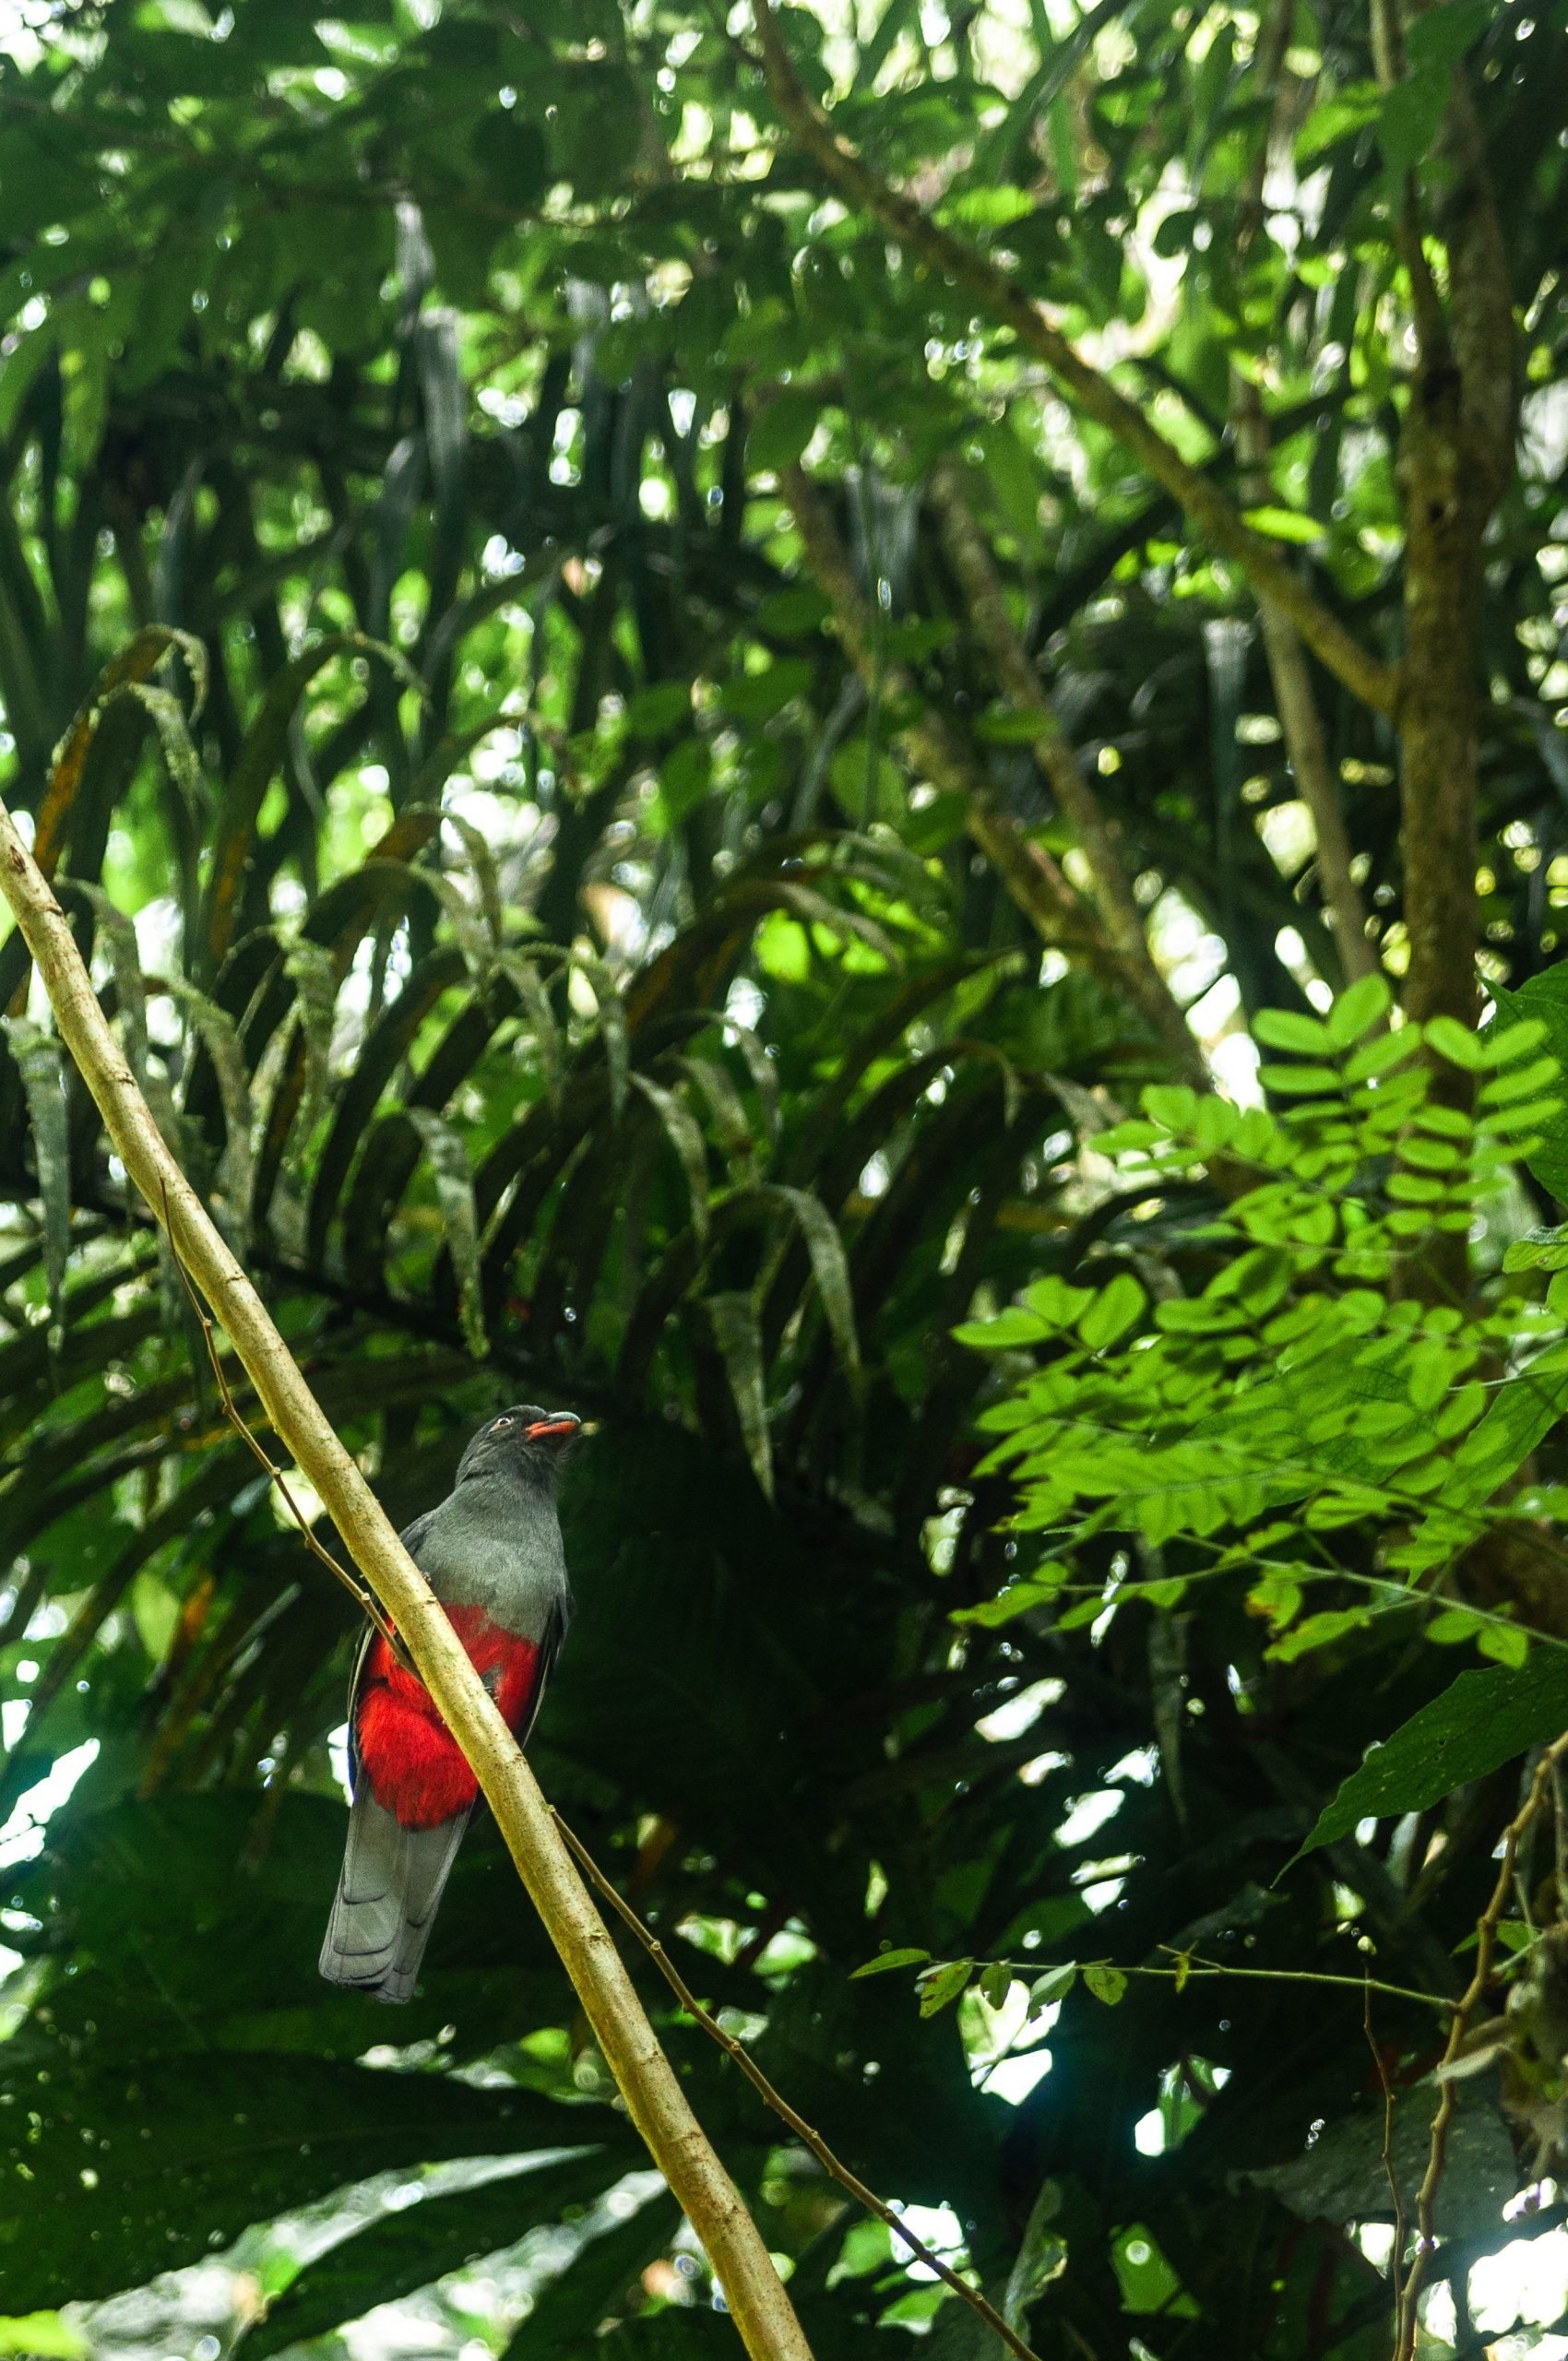 Panama city 19 scaled - Les globe blogueurs - blog voyage nature